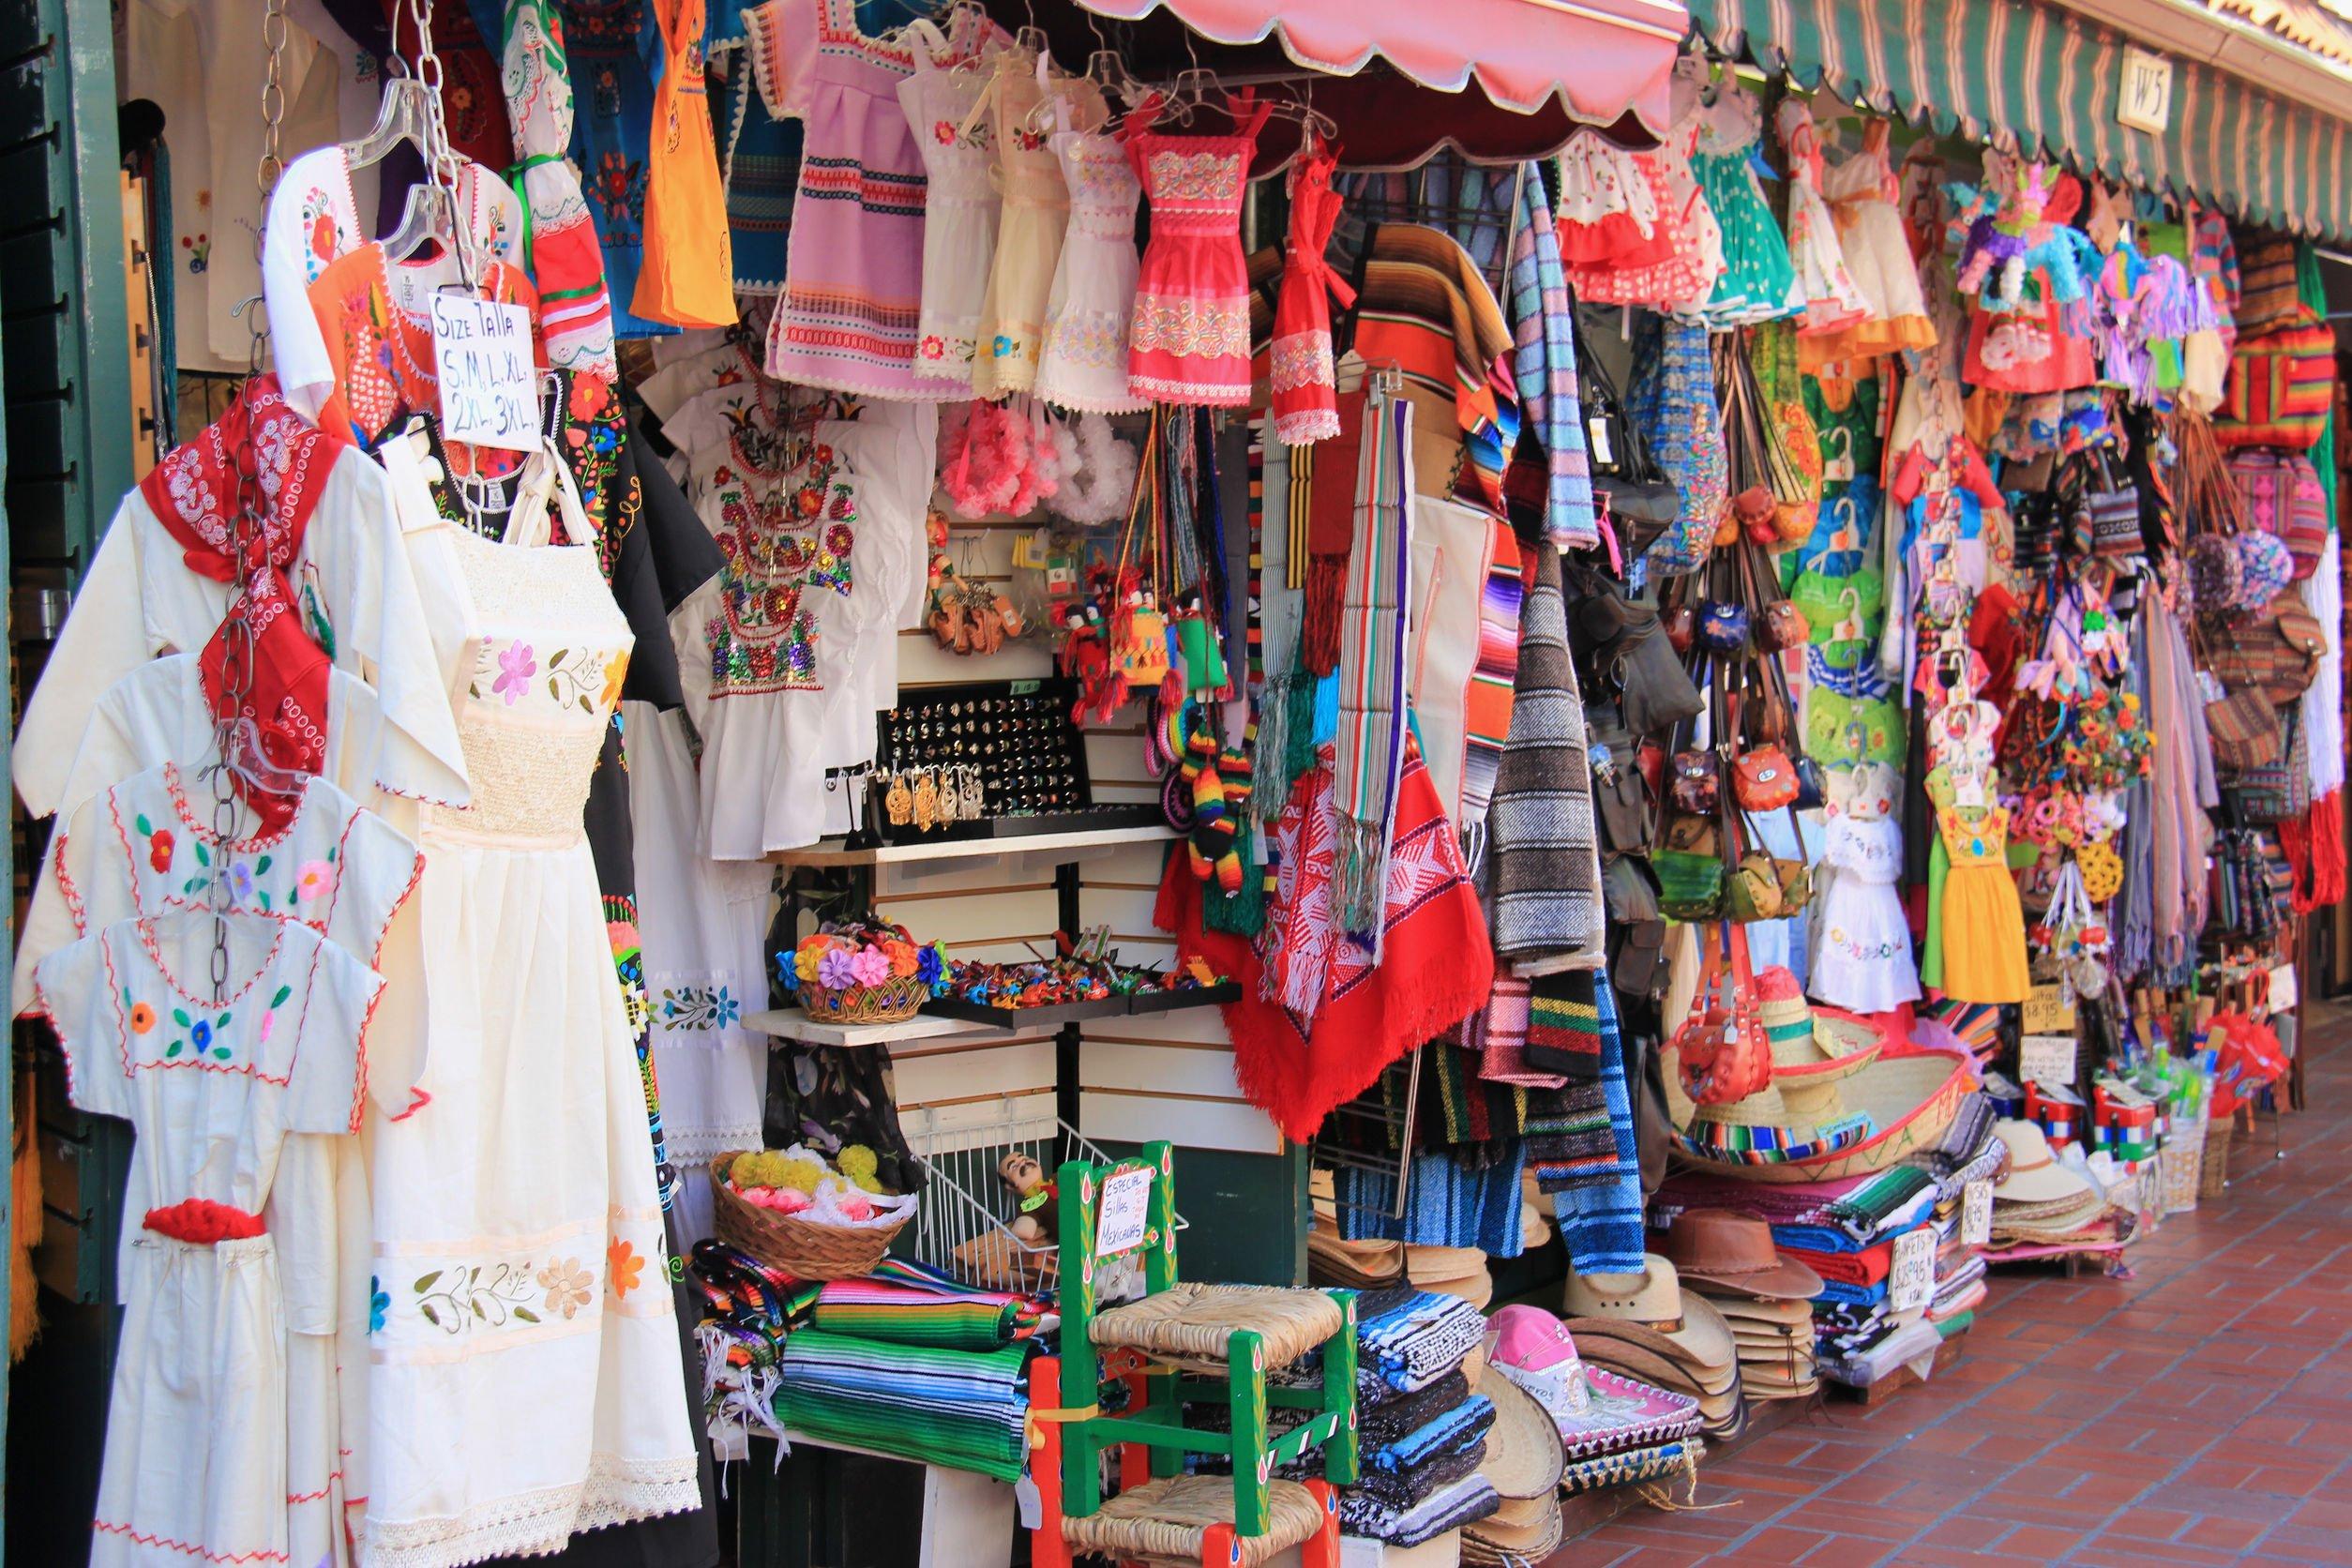 Los Angeles Flea Markets